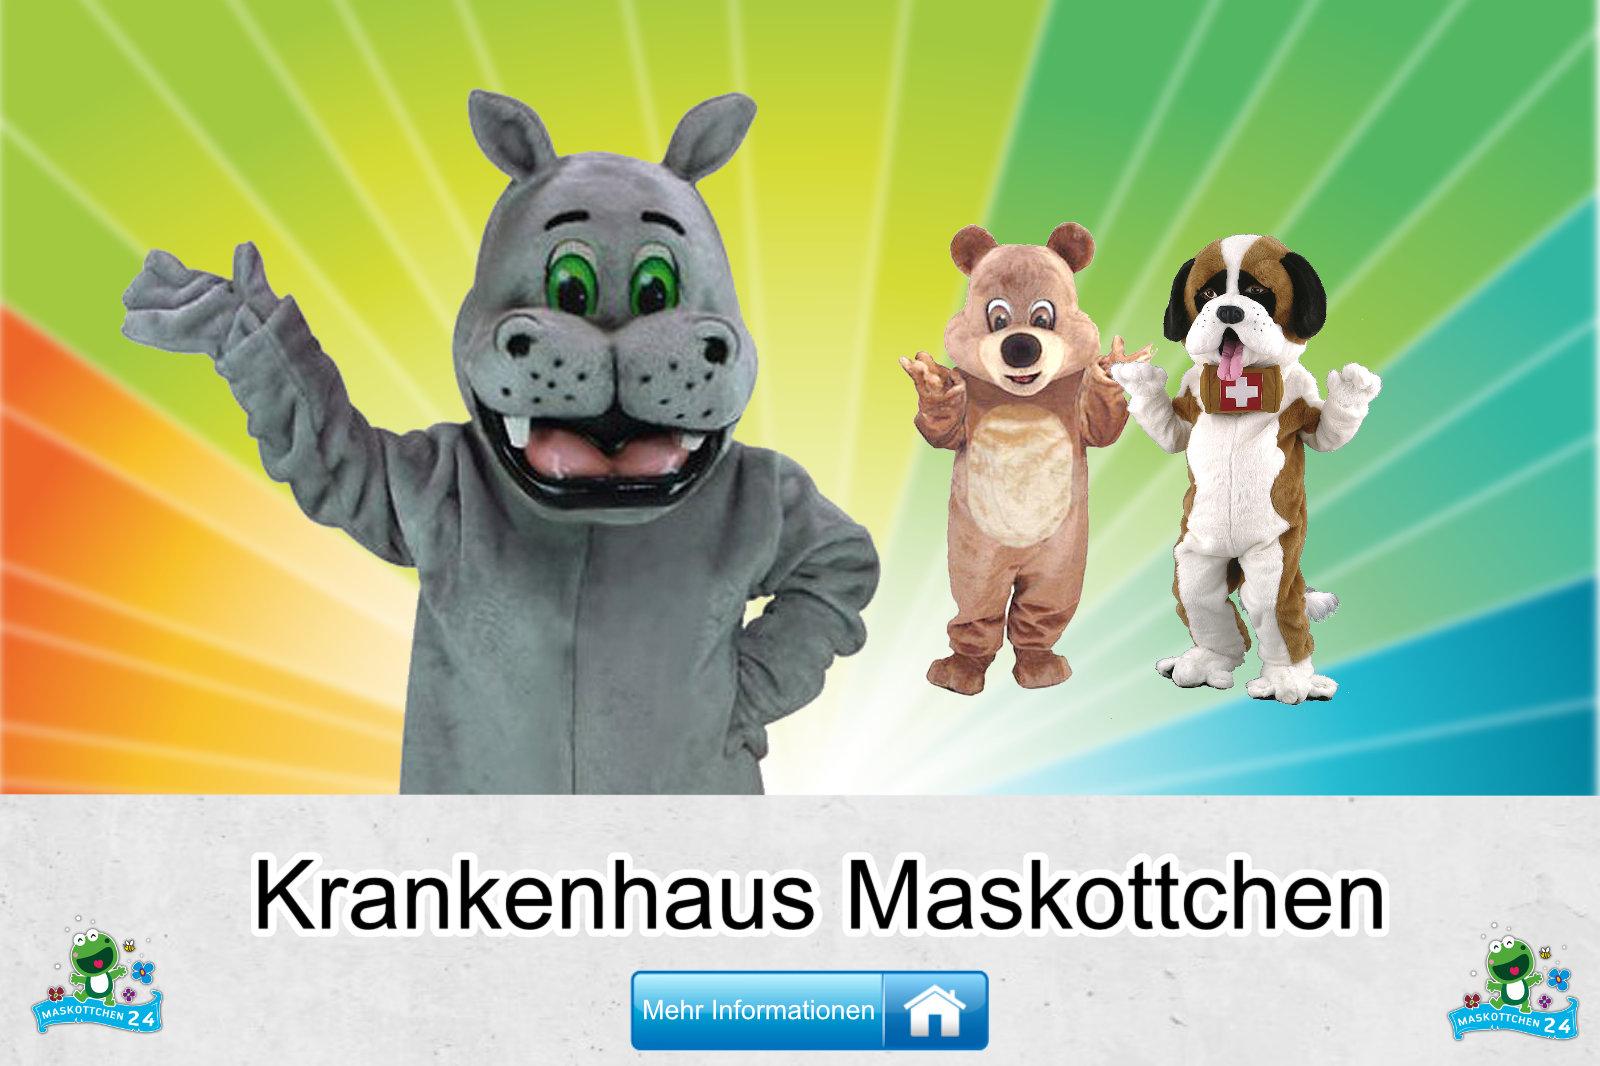 Krankenhaus Kostüme Maskottchen Herstellung Firma günstig kaufen